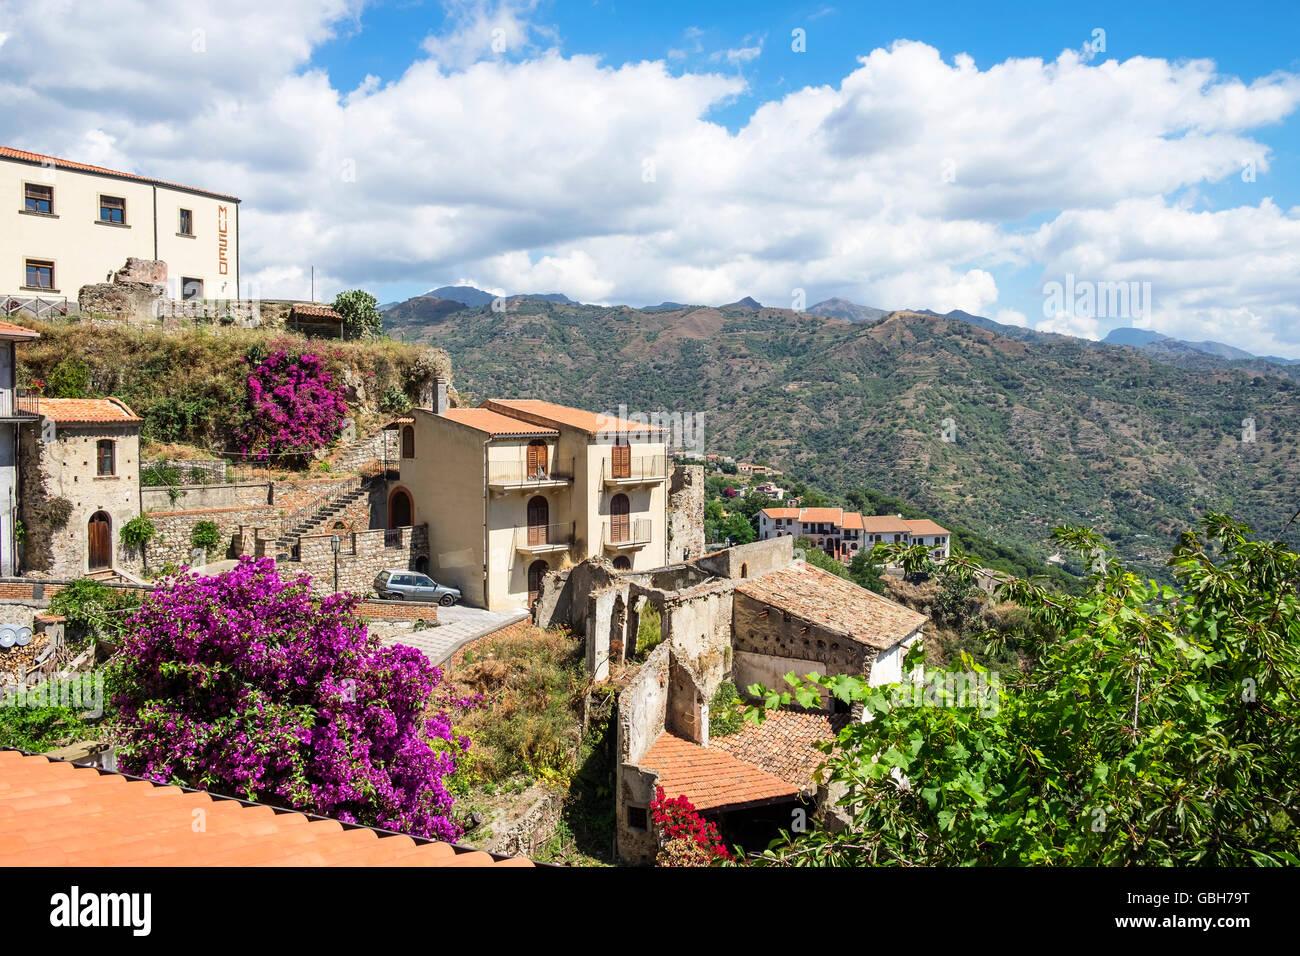 Das mittelalterliche Dorf Savoca in die Peloritani Berge in der Nähe von Messina auf der italienischen Insel Stockbild